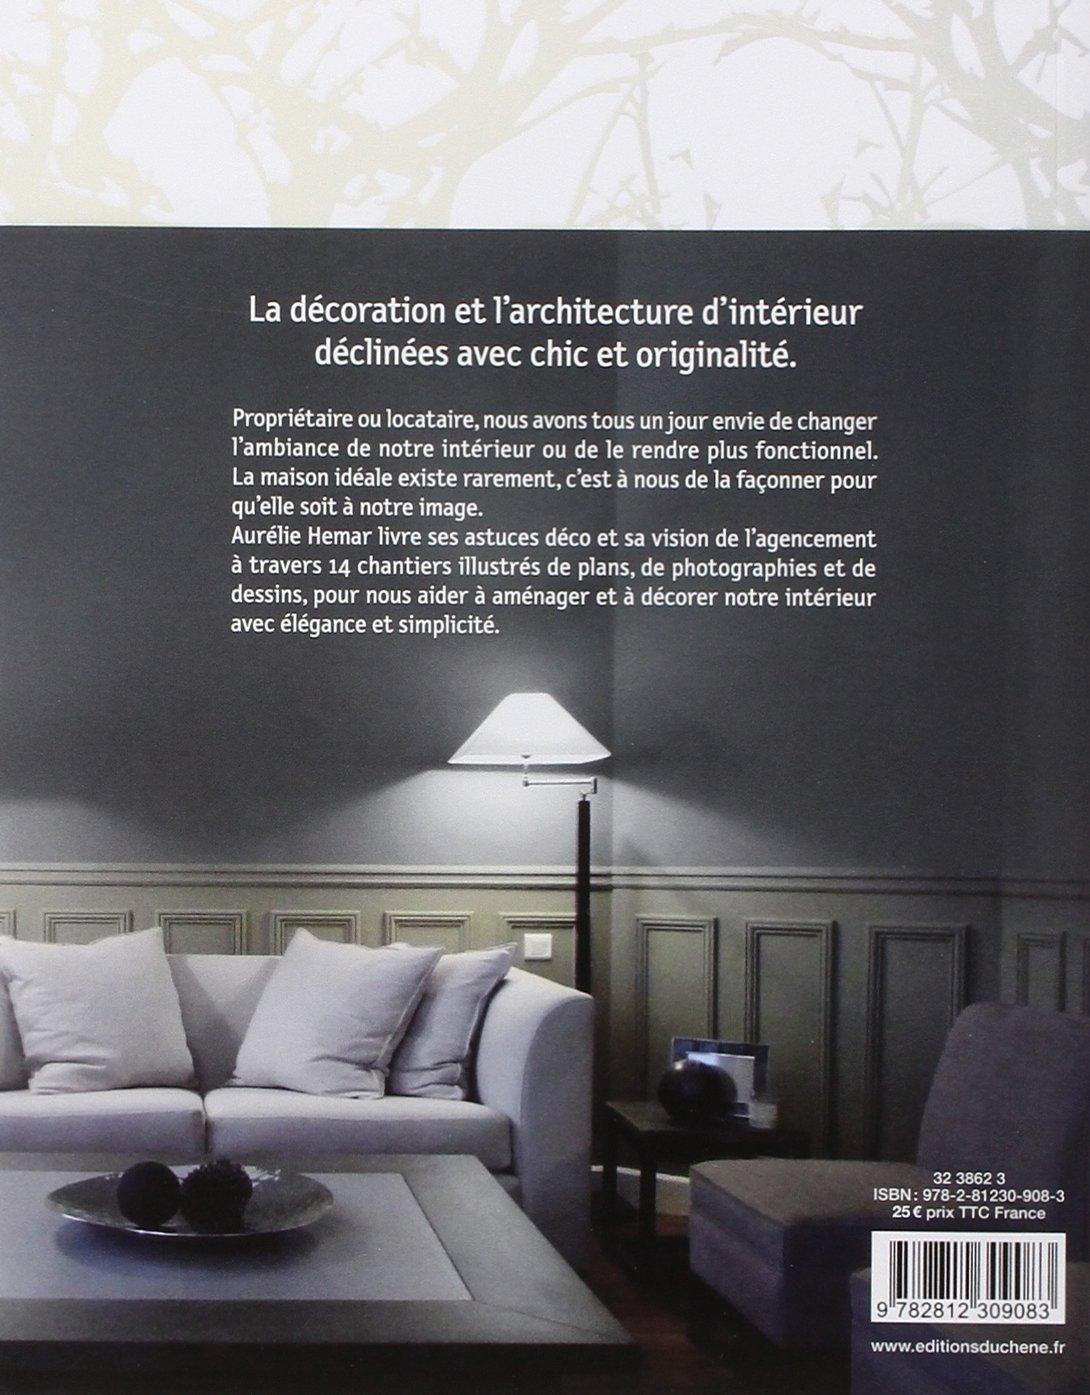 aurelie aymard architecte aurelie aurlie hemar dvoile sa dco duintrieur en gris et rose. Black Bedroom Furniture Sets. Home Design Ideas